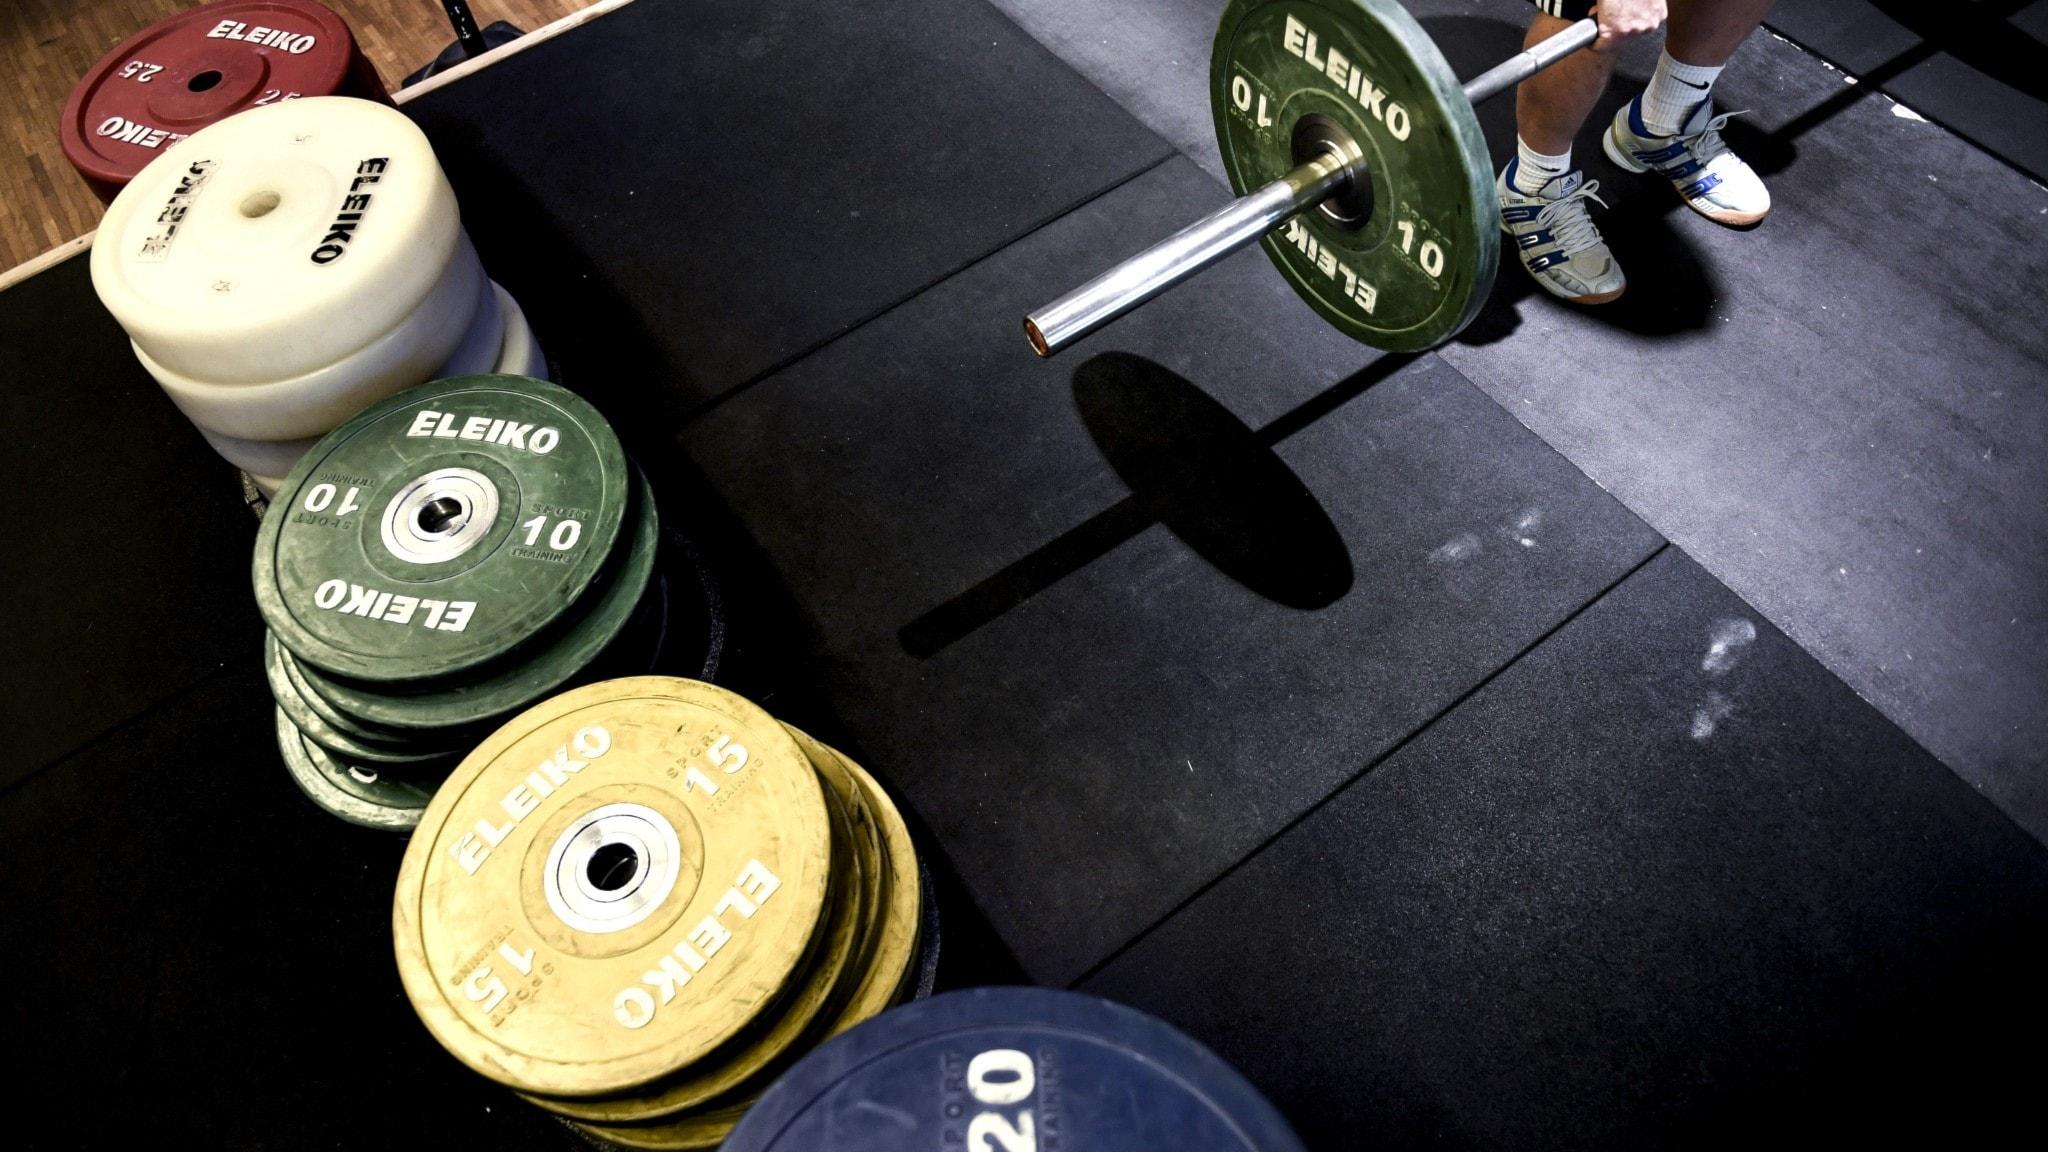 Tillslag på gym ledde till fängelsedomar